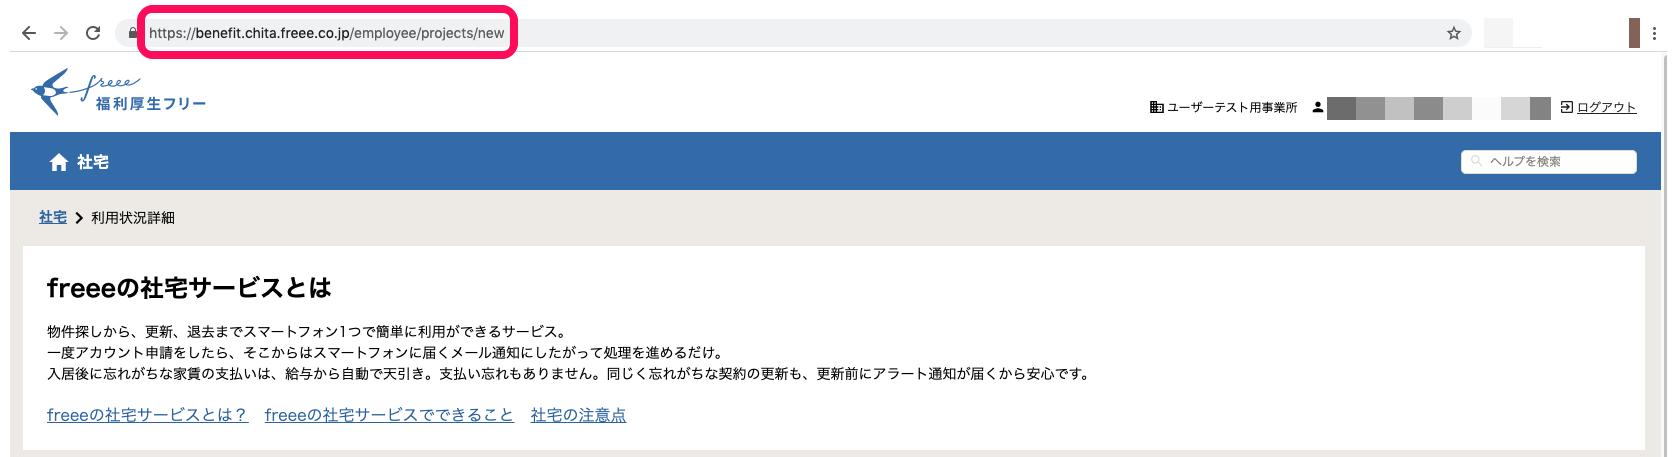 利用者としてログインした場合のURL を指し示しているスクリーンショット